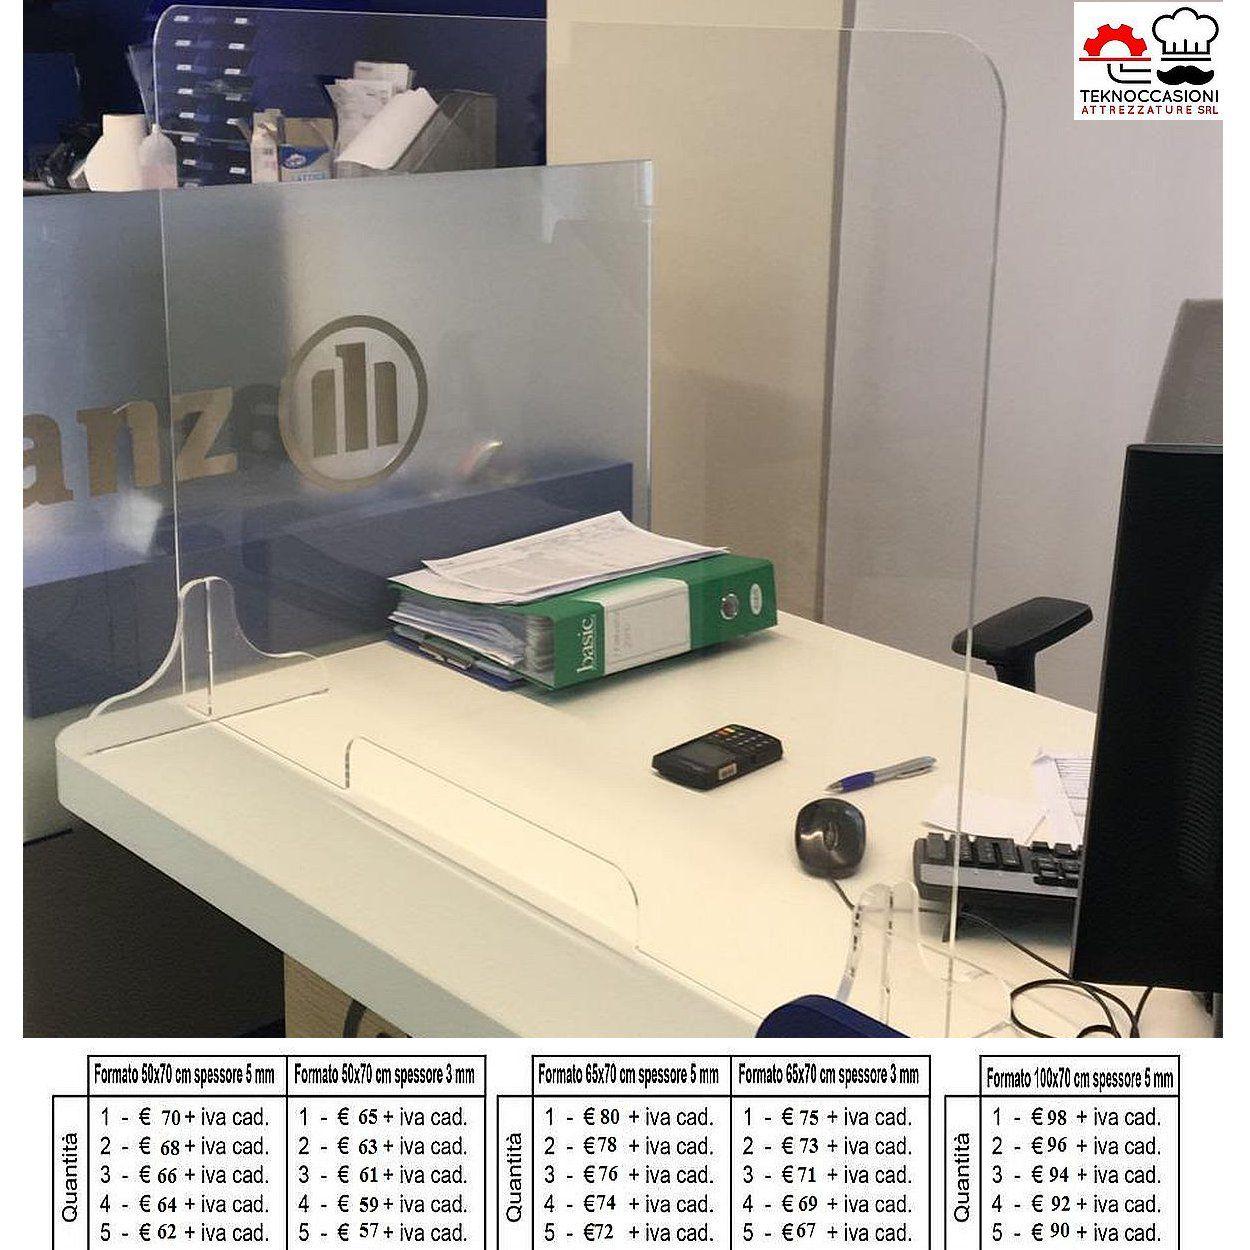 Pannello protettivo in plexiglass da 60x60x200